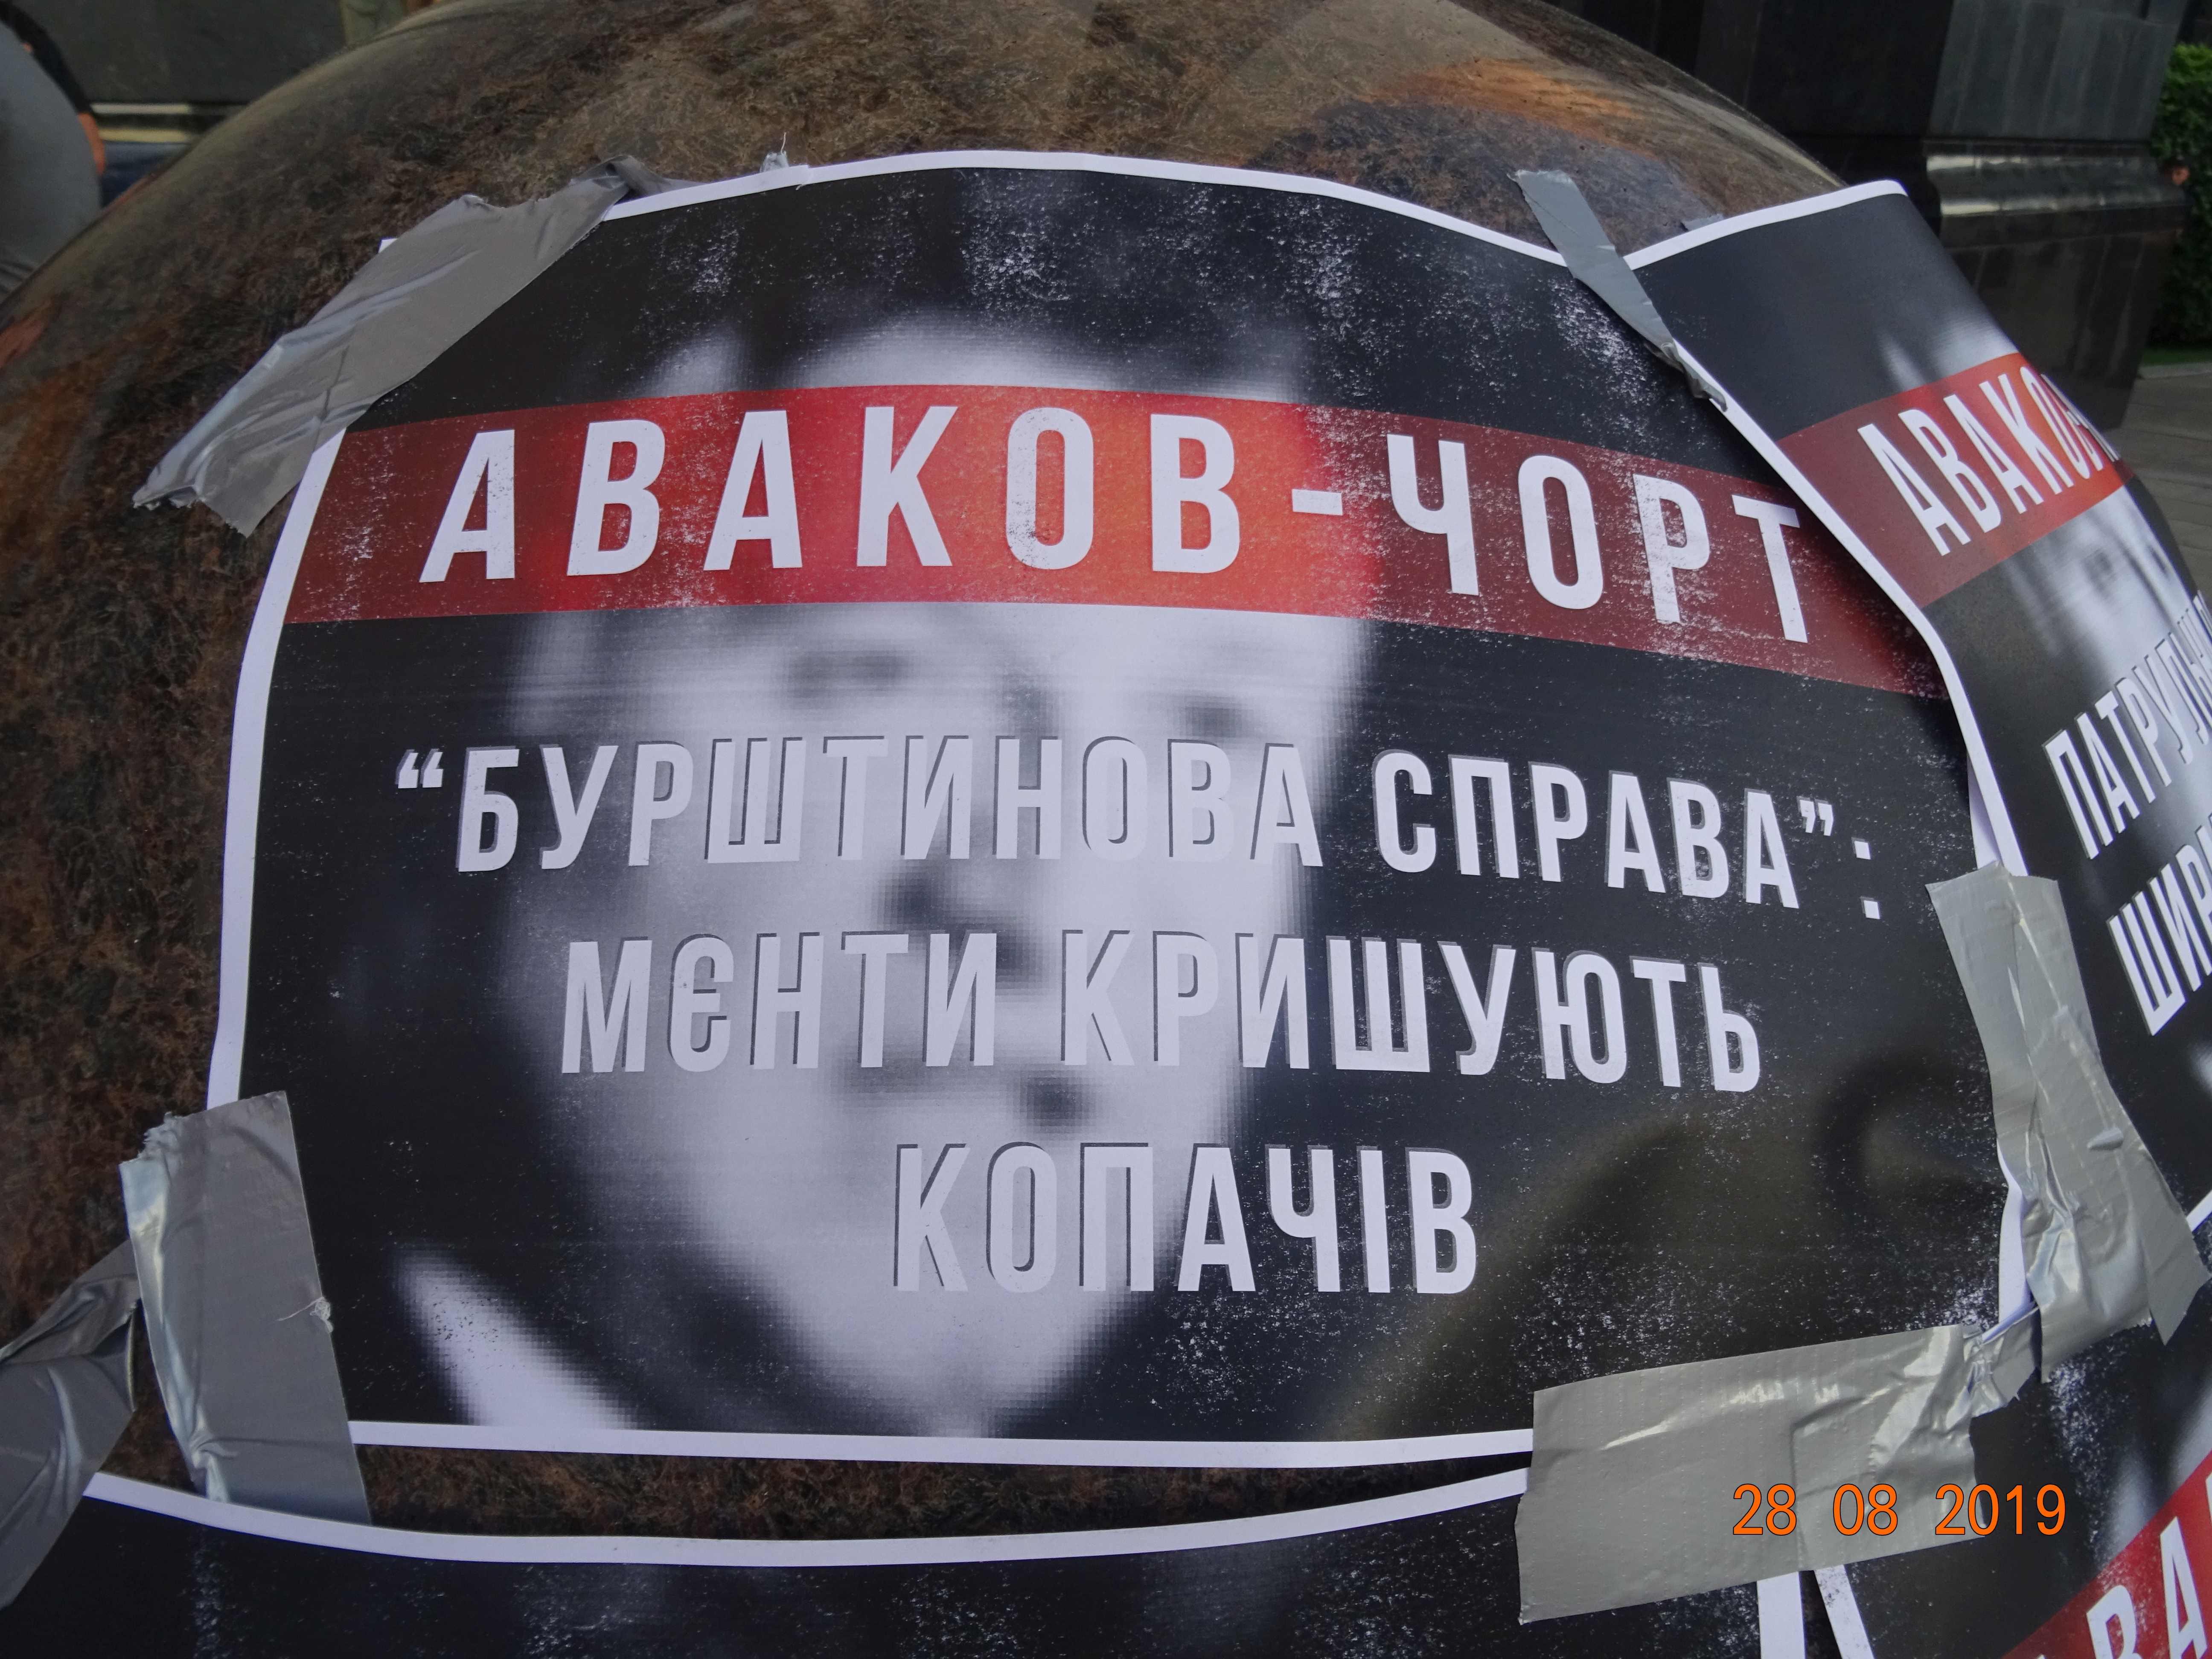 Avakov-Chort-Devil - Avakov-Chort-Devil-image022.jpg